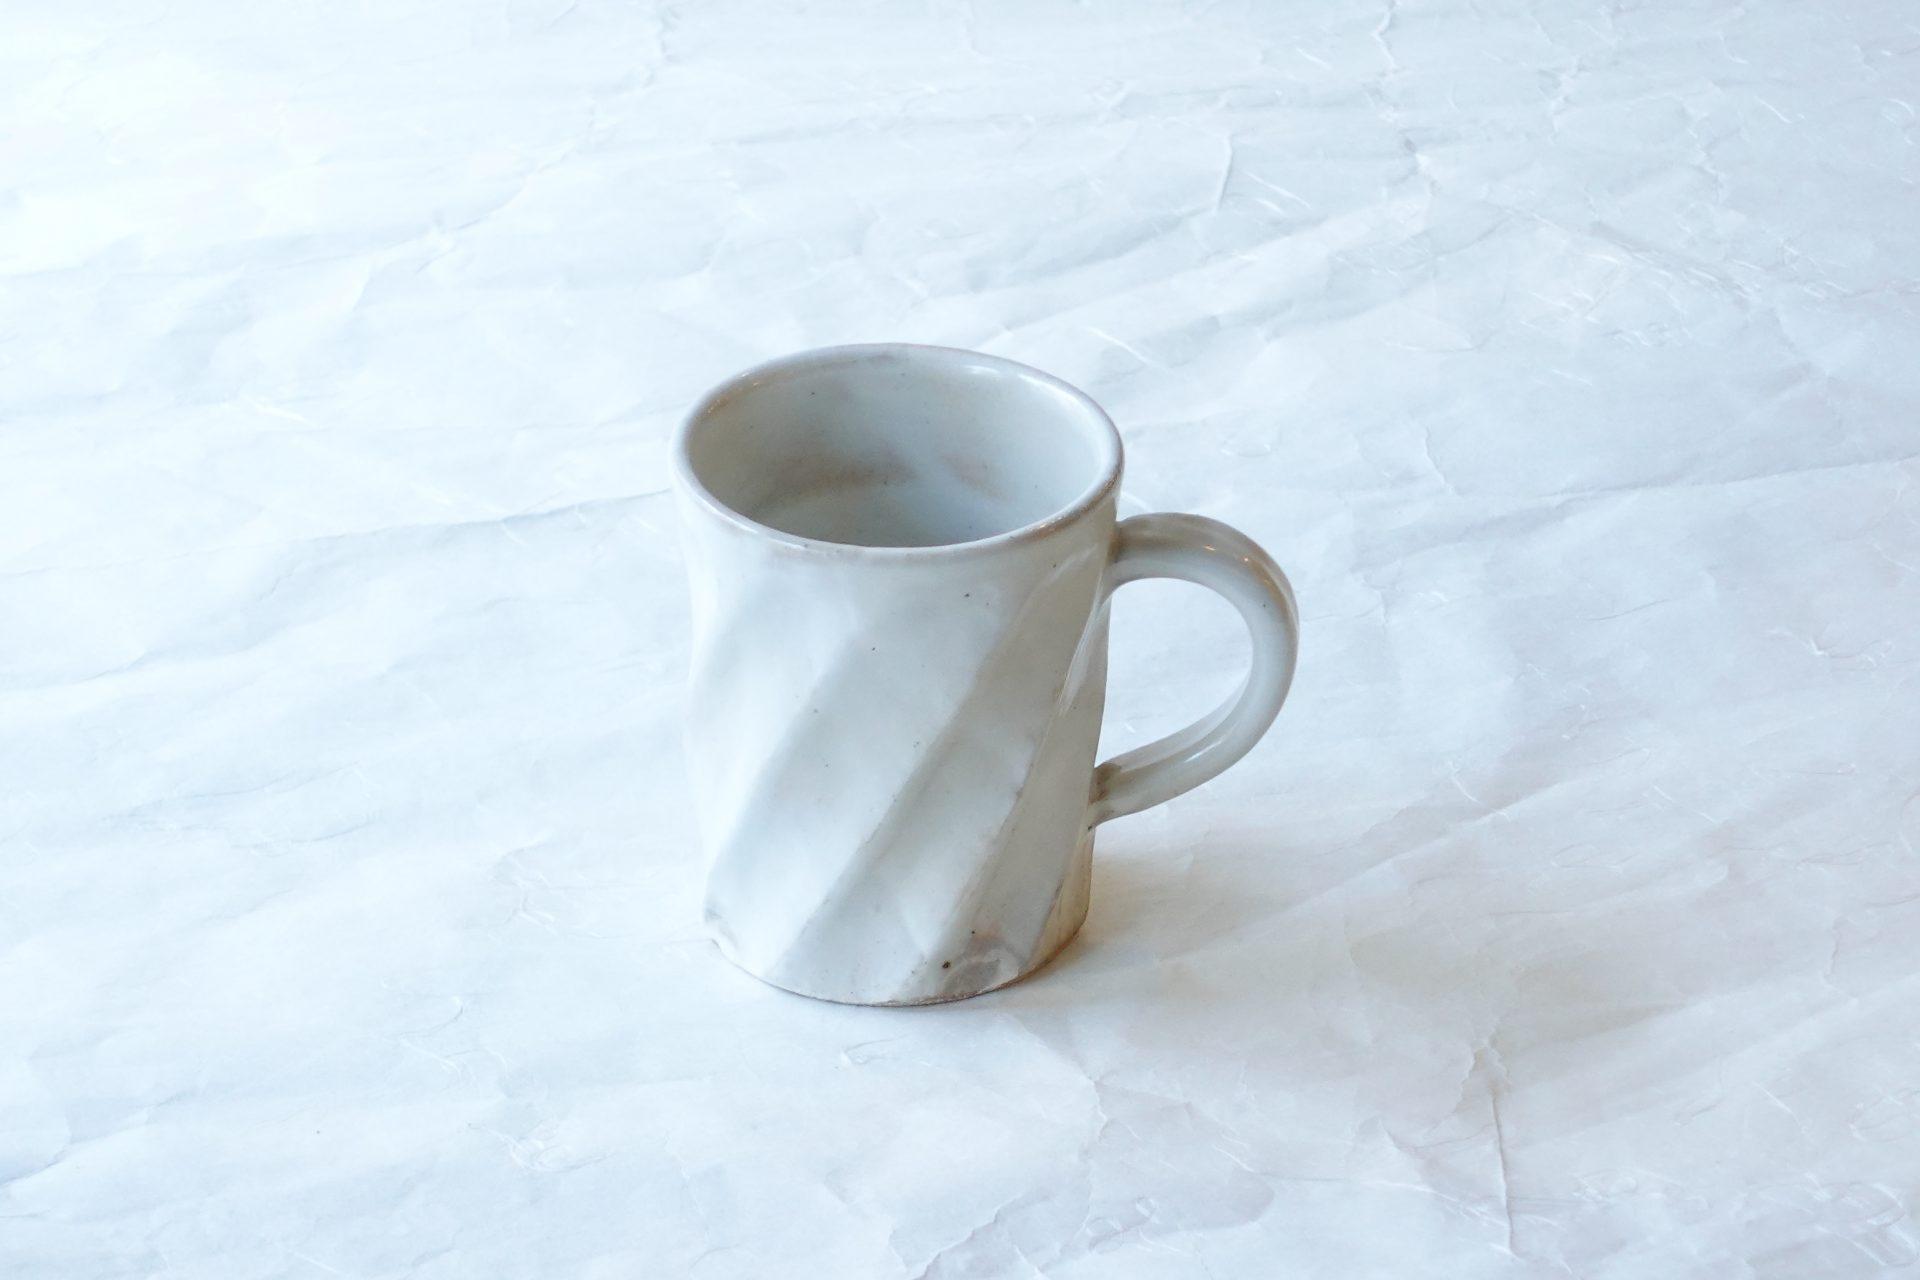 陶器 清水焼 粉引 捻り 手づくり マグカップ ろくろ挽き 削ぎ 厚み どっしり 安定 飽きが来ない 永く使える 扱いやすい